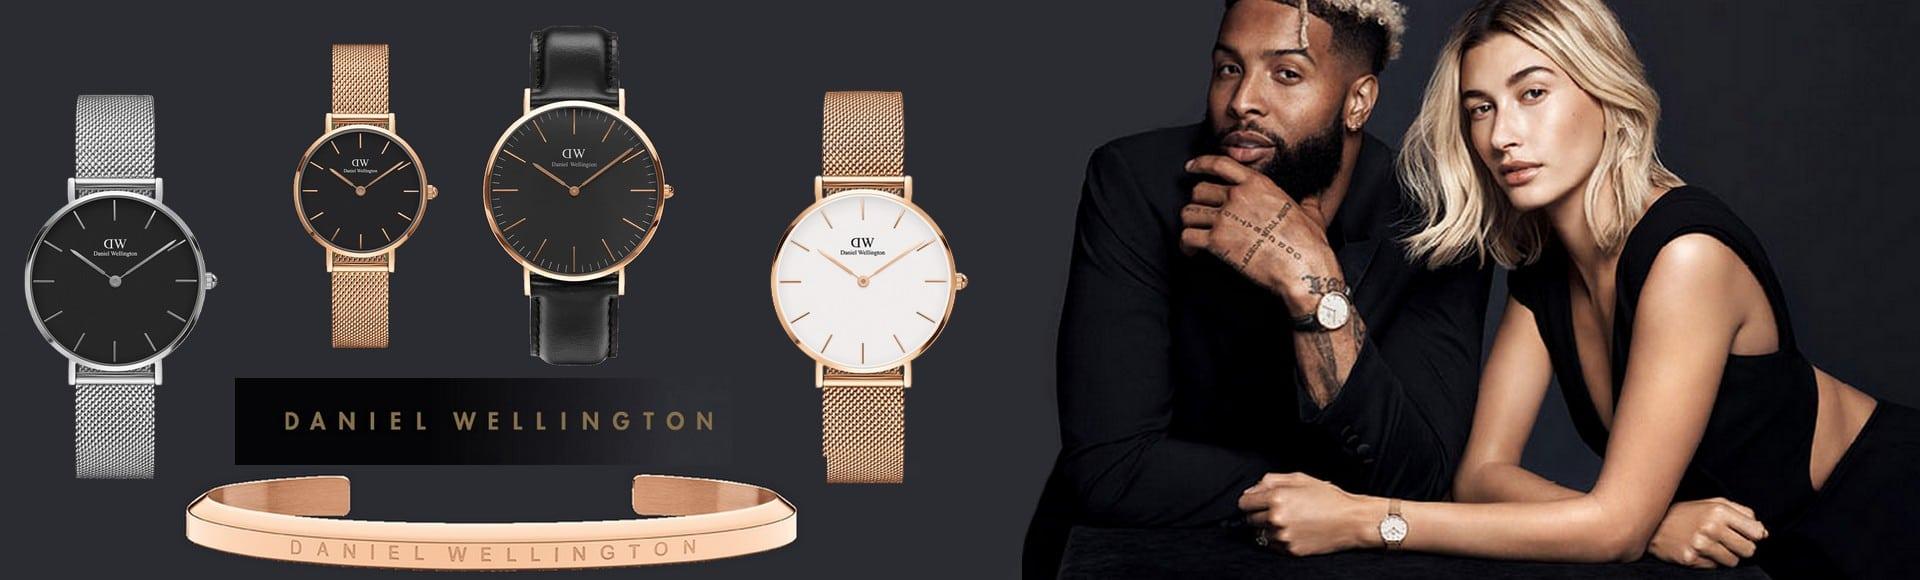 vente-montre-de-marque-daniel-wellington-dw-pour-homme-et-femme-montre-ar-tunisie-meilleure-prix-mykenza.jpg